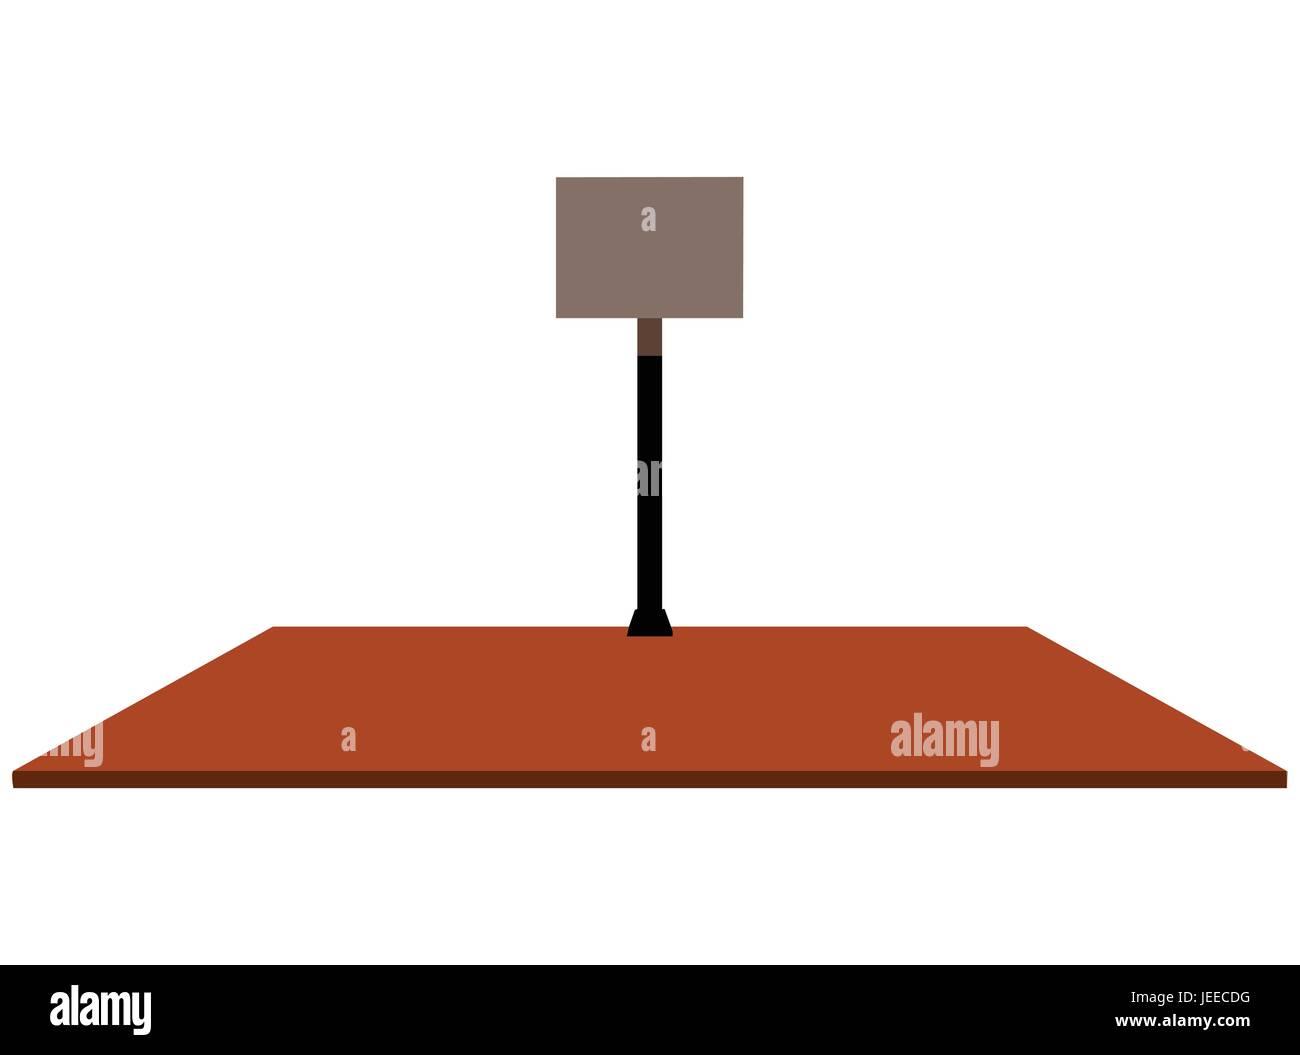 Eps 10 Vector Illustration Of Basketball Hoop On White Background Diagram